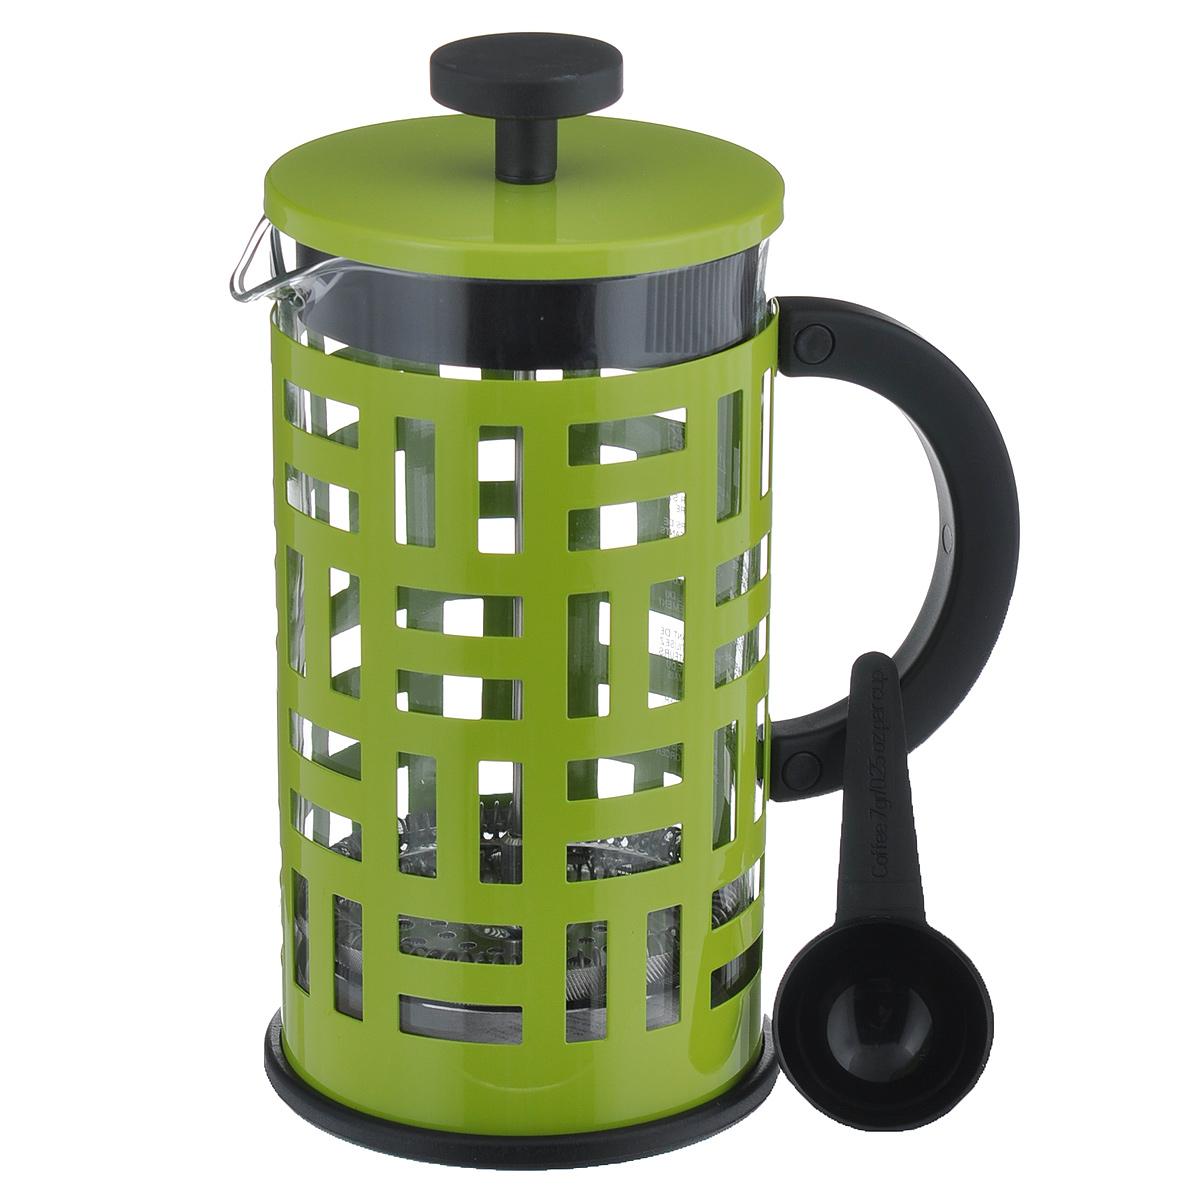 Кофейник Bodum Eileen с прессом, цвет: салатовый, 1 л94672Кофейник Eileen с фильтром French Press и мерной ложечкой займет достойное место на вашей кухне. Современный дизайн полностью соответствует последним модным тенденциям в создании предметов бытовой техники. Кофейник снабжен легкой и удобной, покрытой специальным материалом, ручкой, позволяющей безопасно и удобно использовать его в любой ситуации - даже держать два кофейника одновременно. Цельная оправа из нержавеющей стали защищает хрупкую стеклянную емкость от толчков и ударов. В то же время эта оправа не заглушает аппетитный запах свежесваренного кофе.Настоящим ценителям натурального кофе широко известны основные и наиболее часто применяемые способы его приготовления: эспрессо, по-турецки, гейзерный. Однако существует принципиально иной способ, известный как French Press, благодаря которому приготовление ароматного напитка стало гораздо проще.Профессиональная серия Eileen была задумана и создана в честь великого архитектора и дизайнера - Эйлин Грей (Eileen Gray). При создании серии были особо учтены соображения функционального удобства. Стильный внешний вид и практичность в использовании сделали Eileen чрезвычайно востребованной серией. Объем кофейника: 1 л.Высота кофейника (с учетом крышки): 22 см.Диаметр кофейника (по верхнему краю): 11 см.Длина ложечки: 10 см.